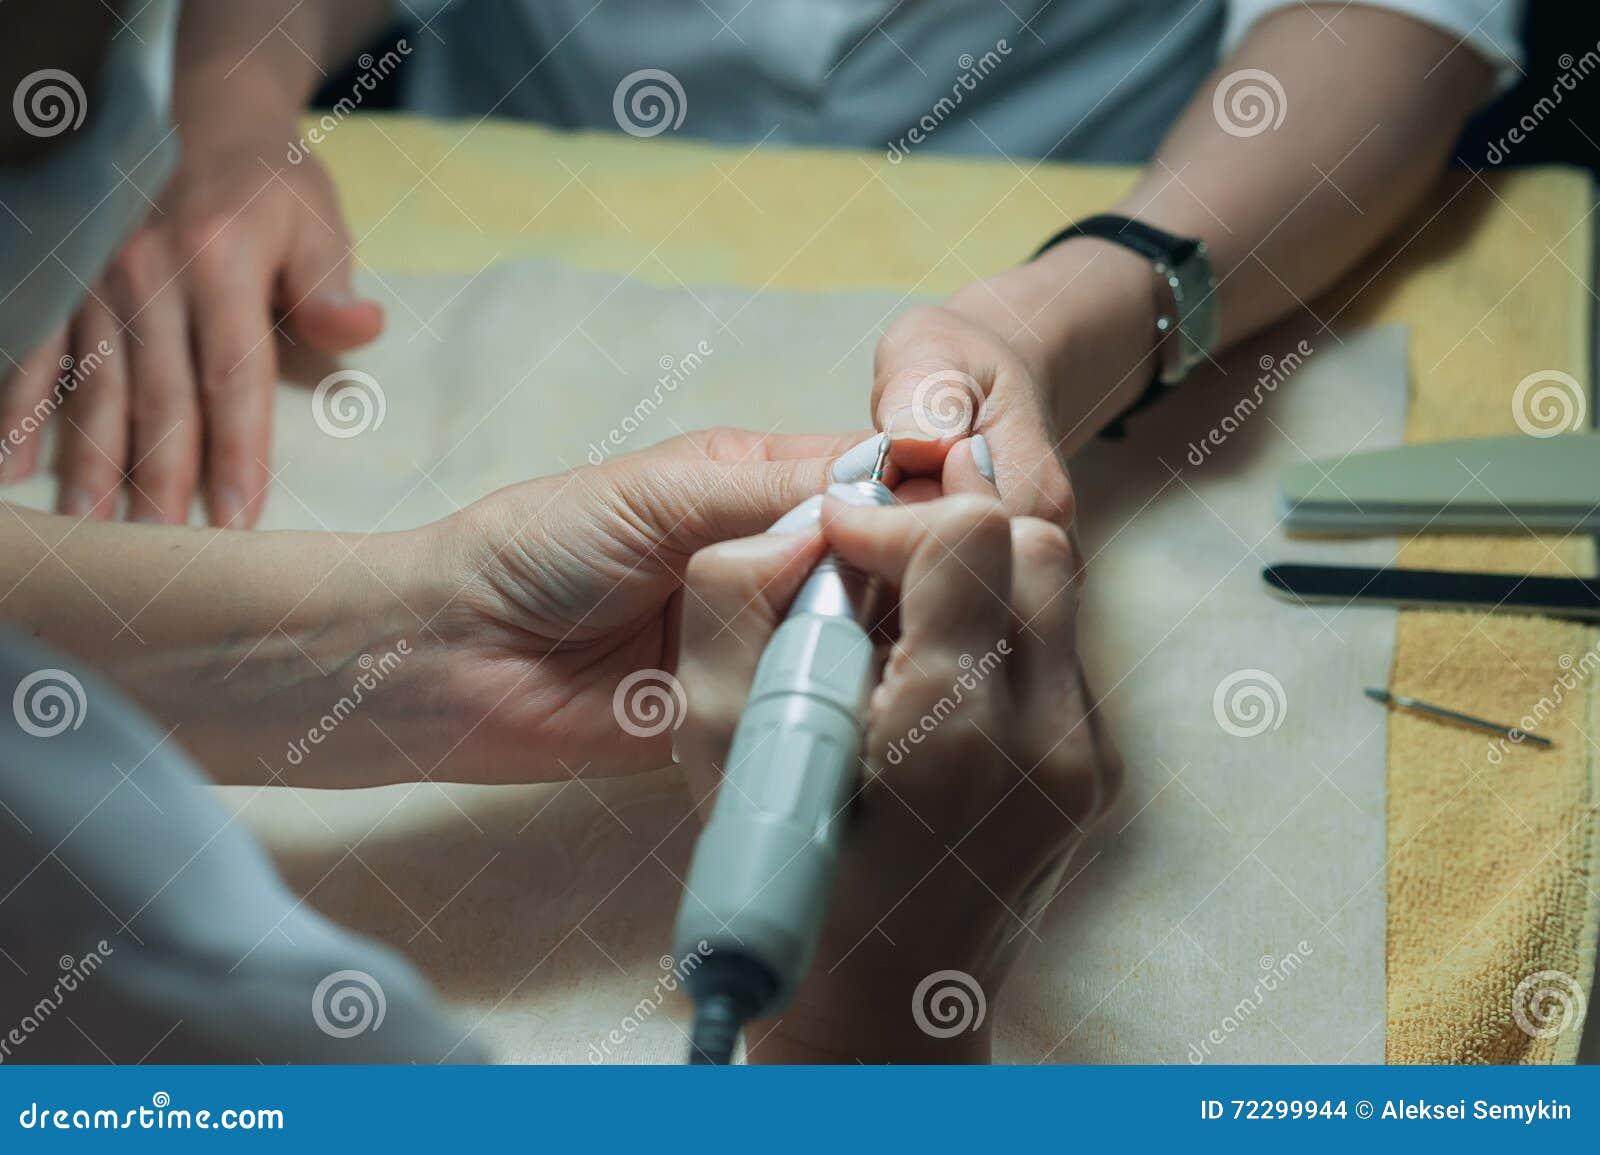 Download Ногти техника ногтя Profesional зашкурить с машиной Стоковое Фото - изображение насчитывающей работа, красивейшее: 72299944